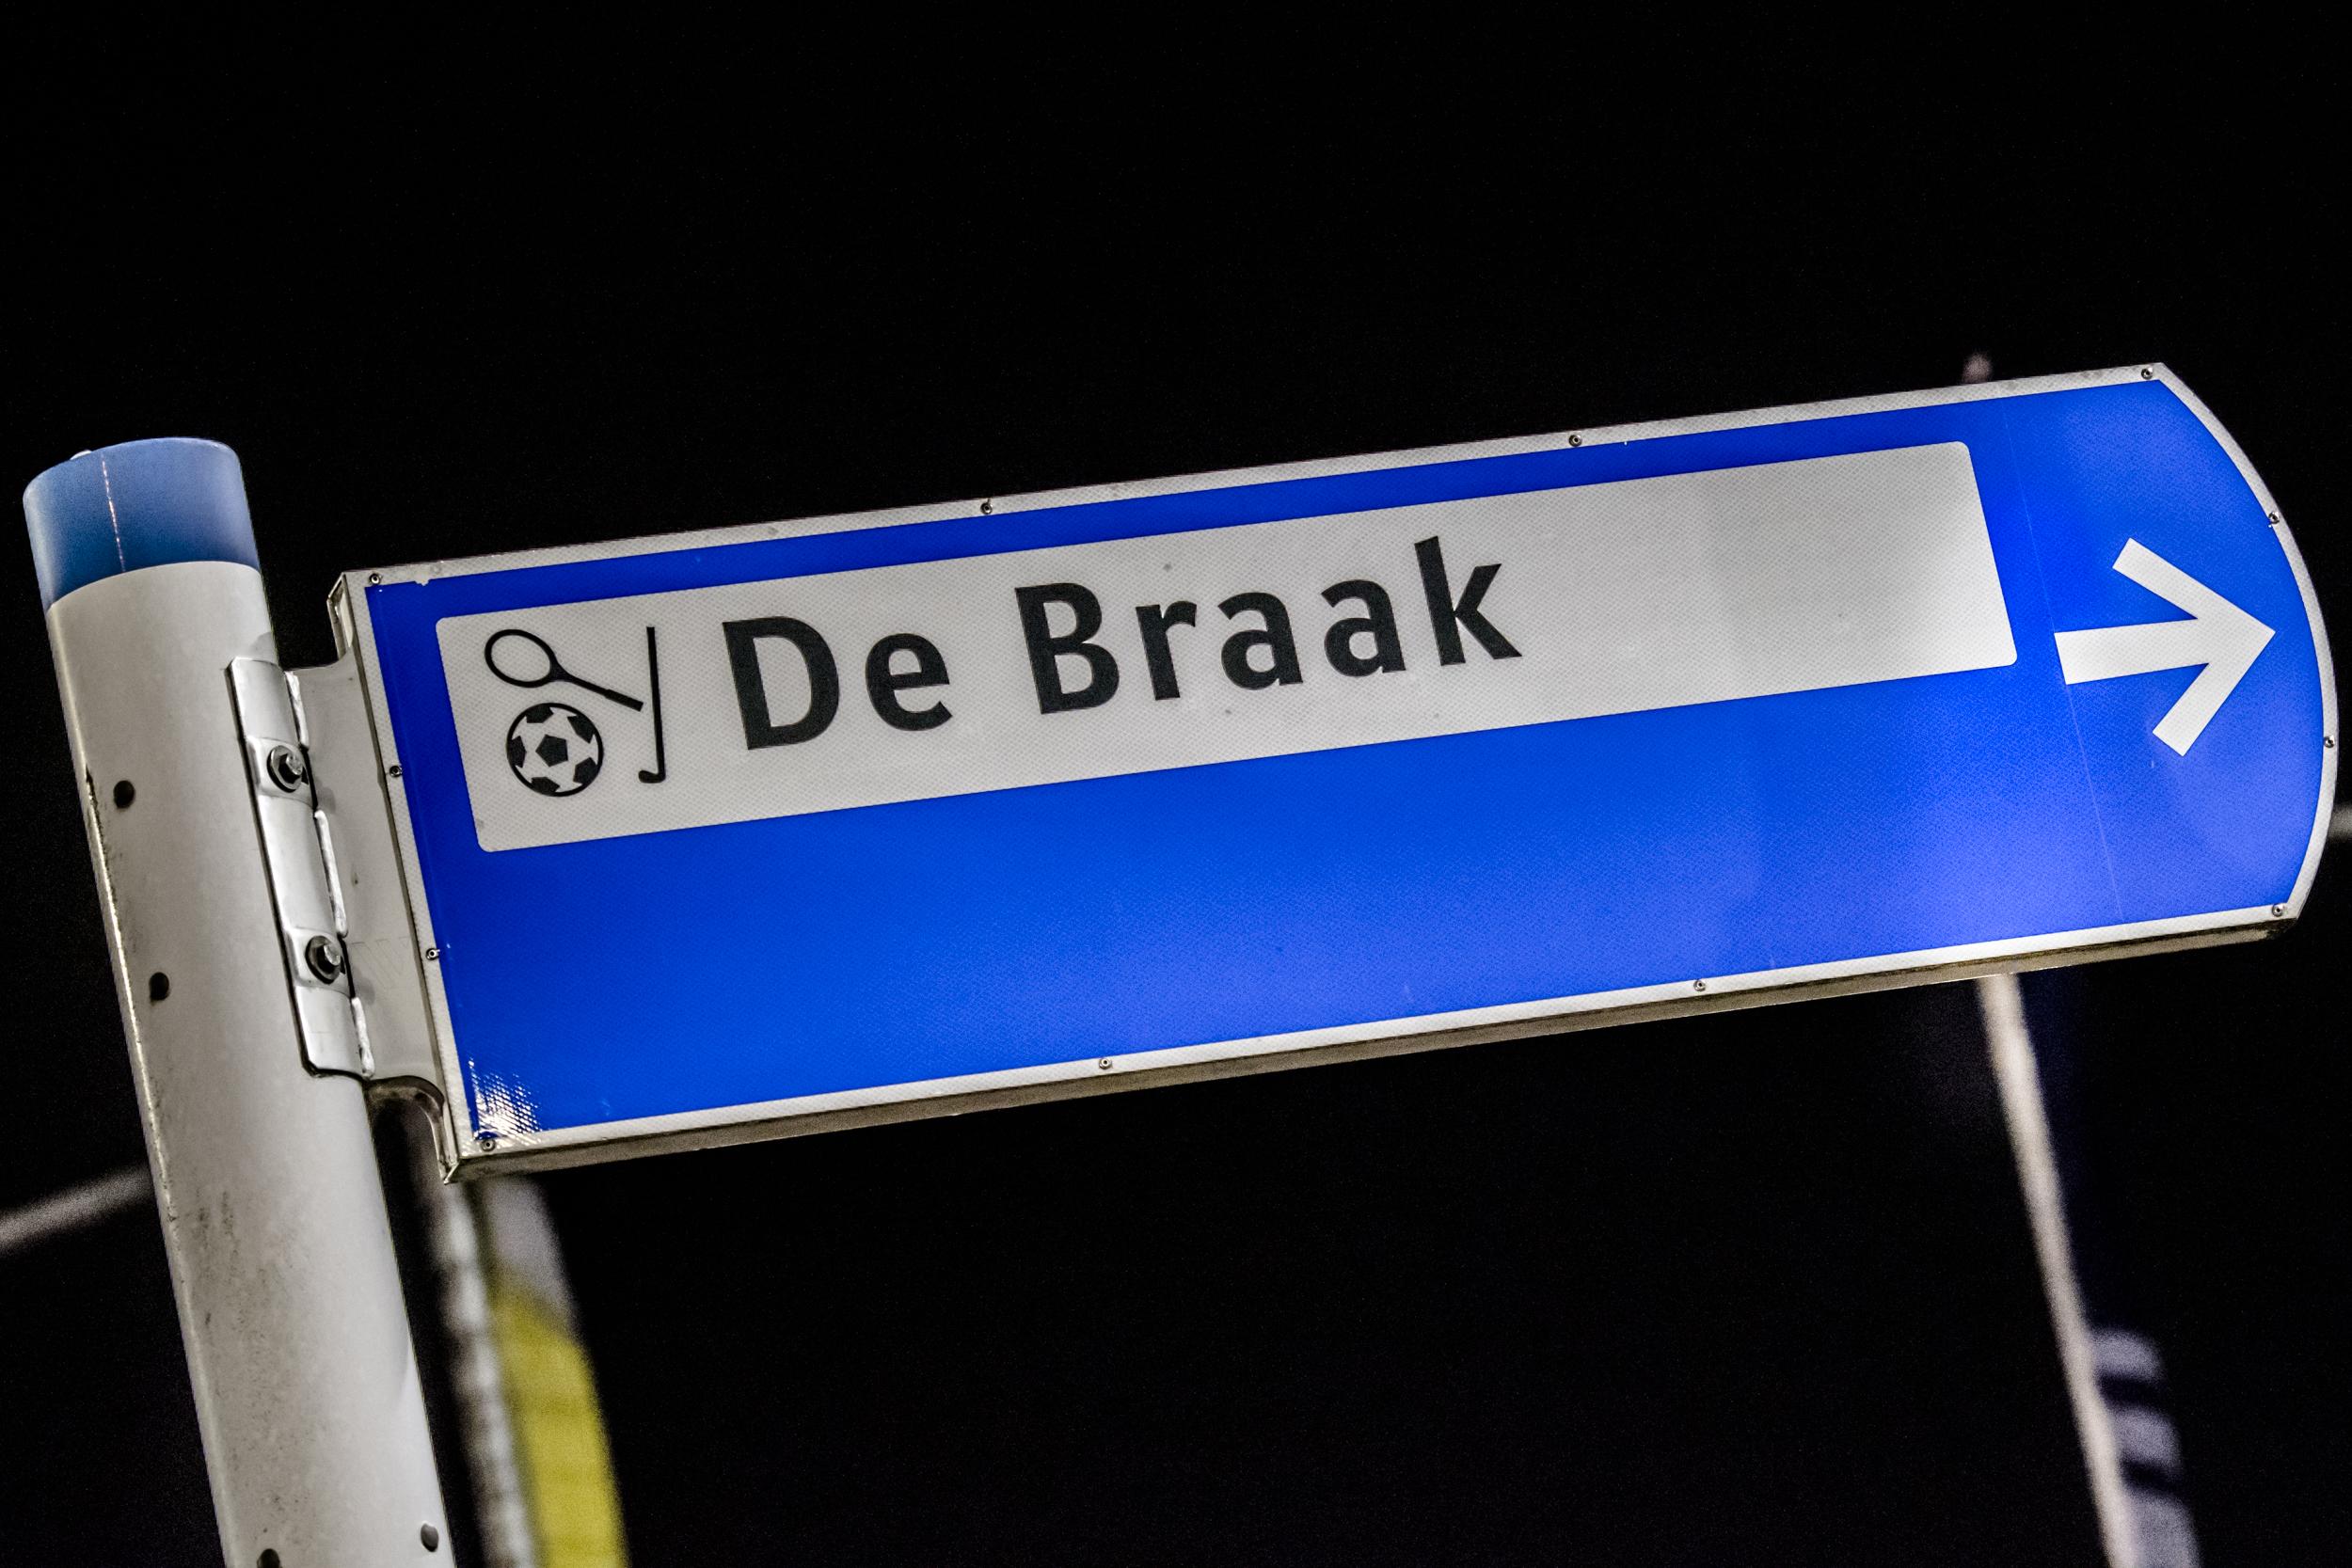 Blauw verkeersbord bewegwijzering De Braak